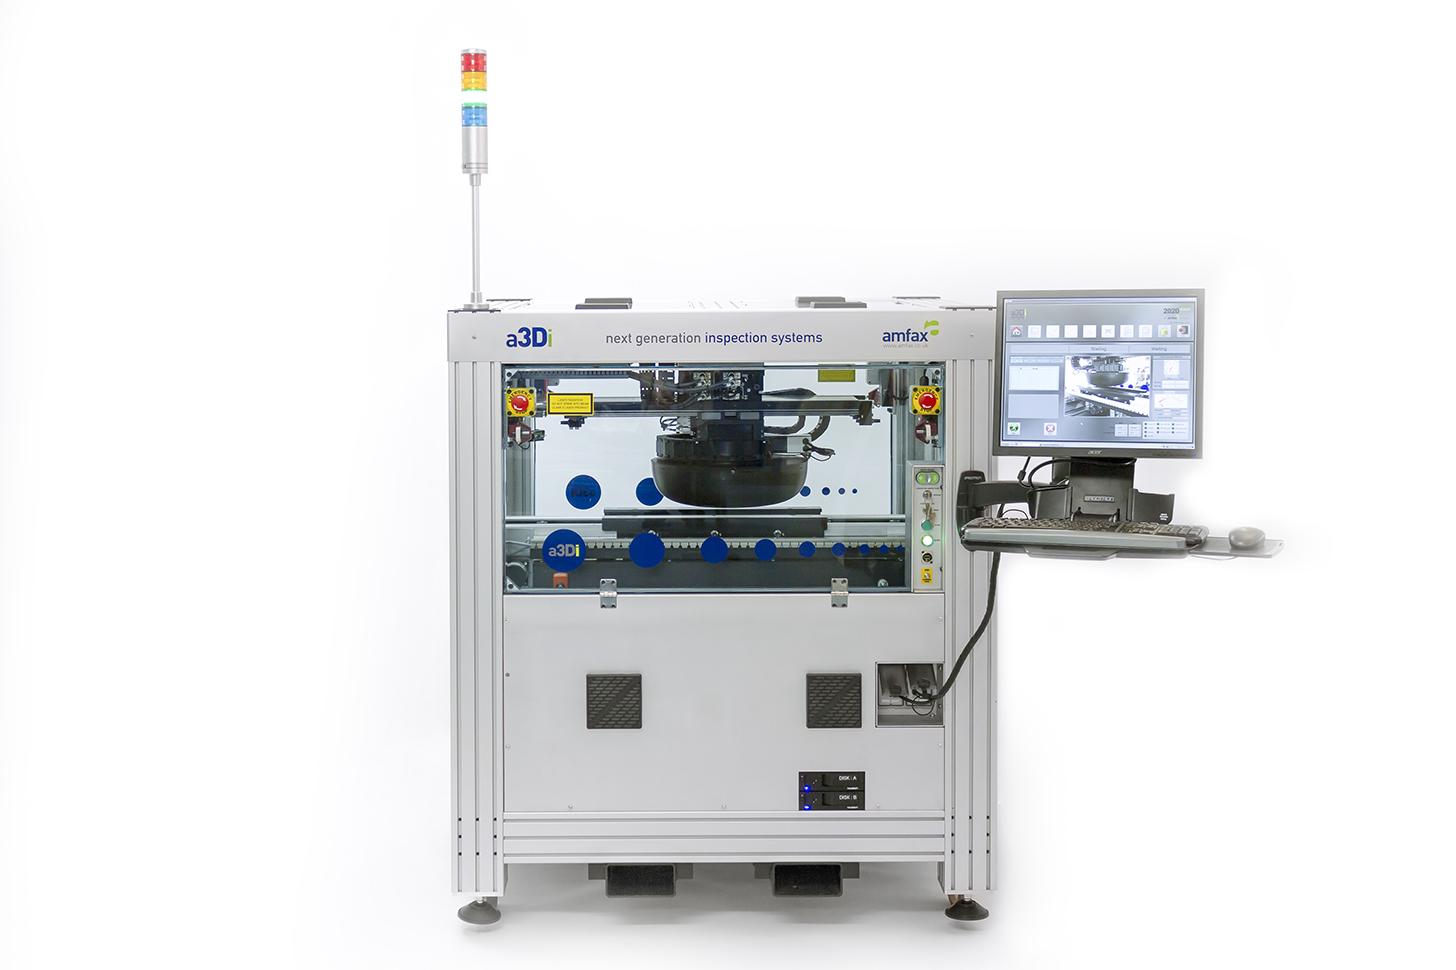 a3Di system